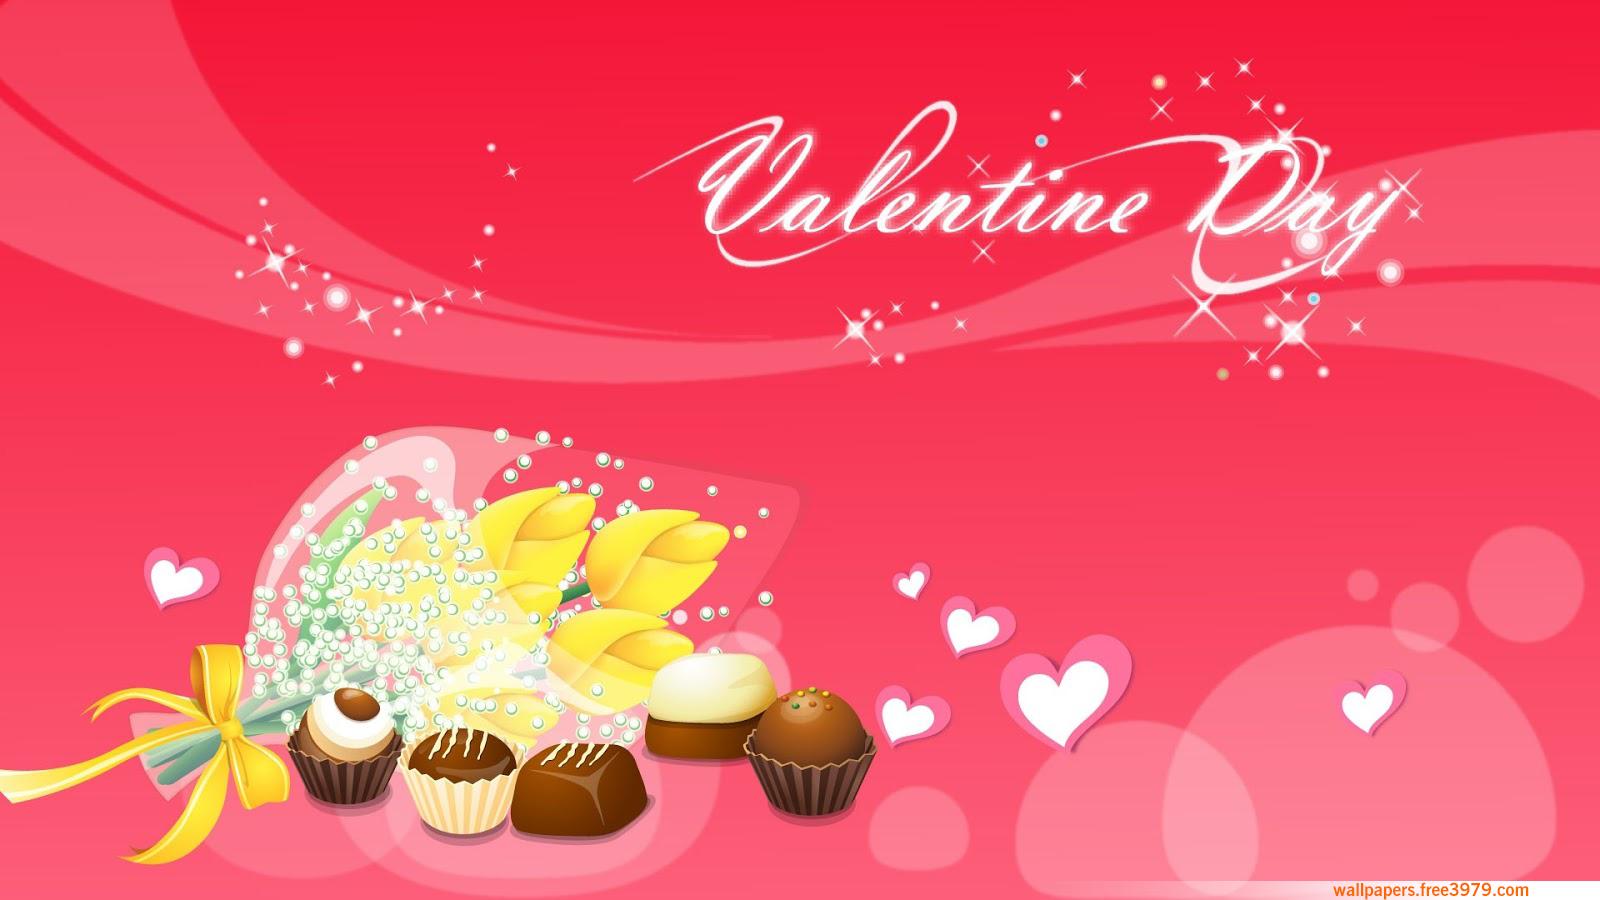 Hình ảnh đẹp về valentine